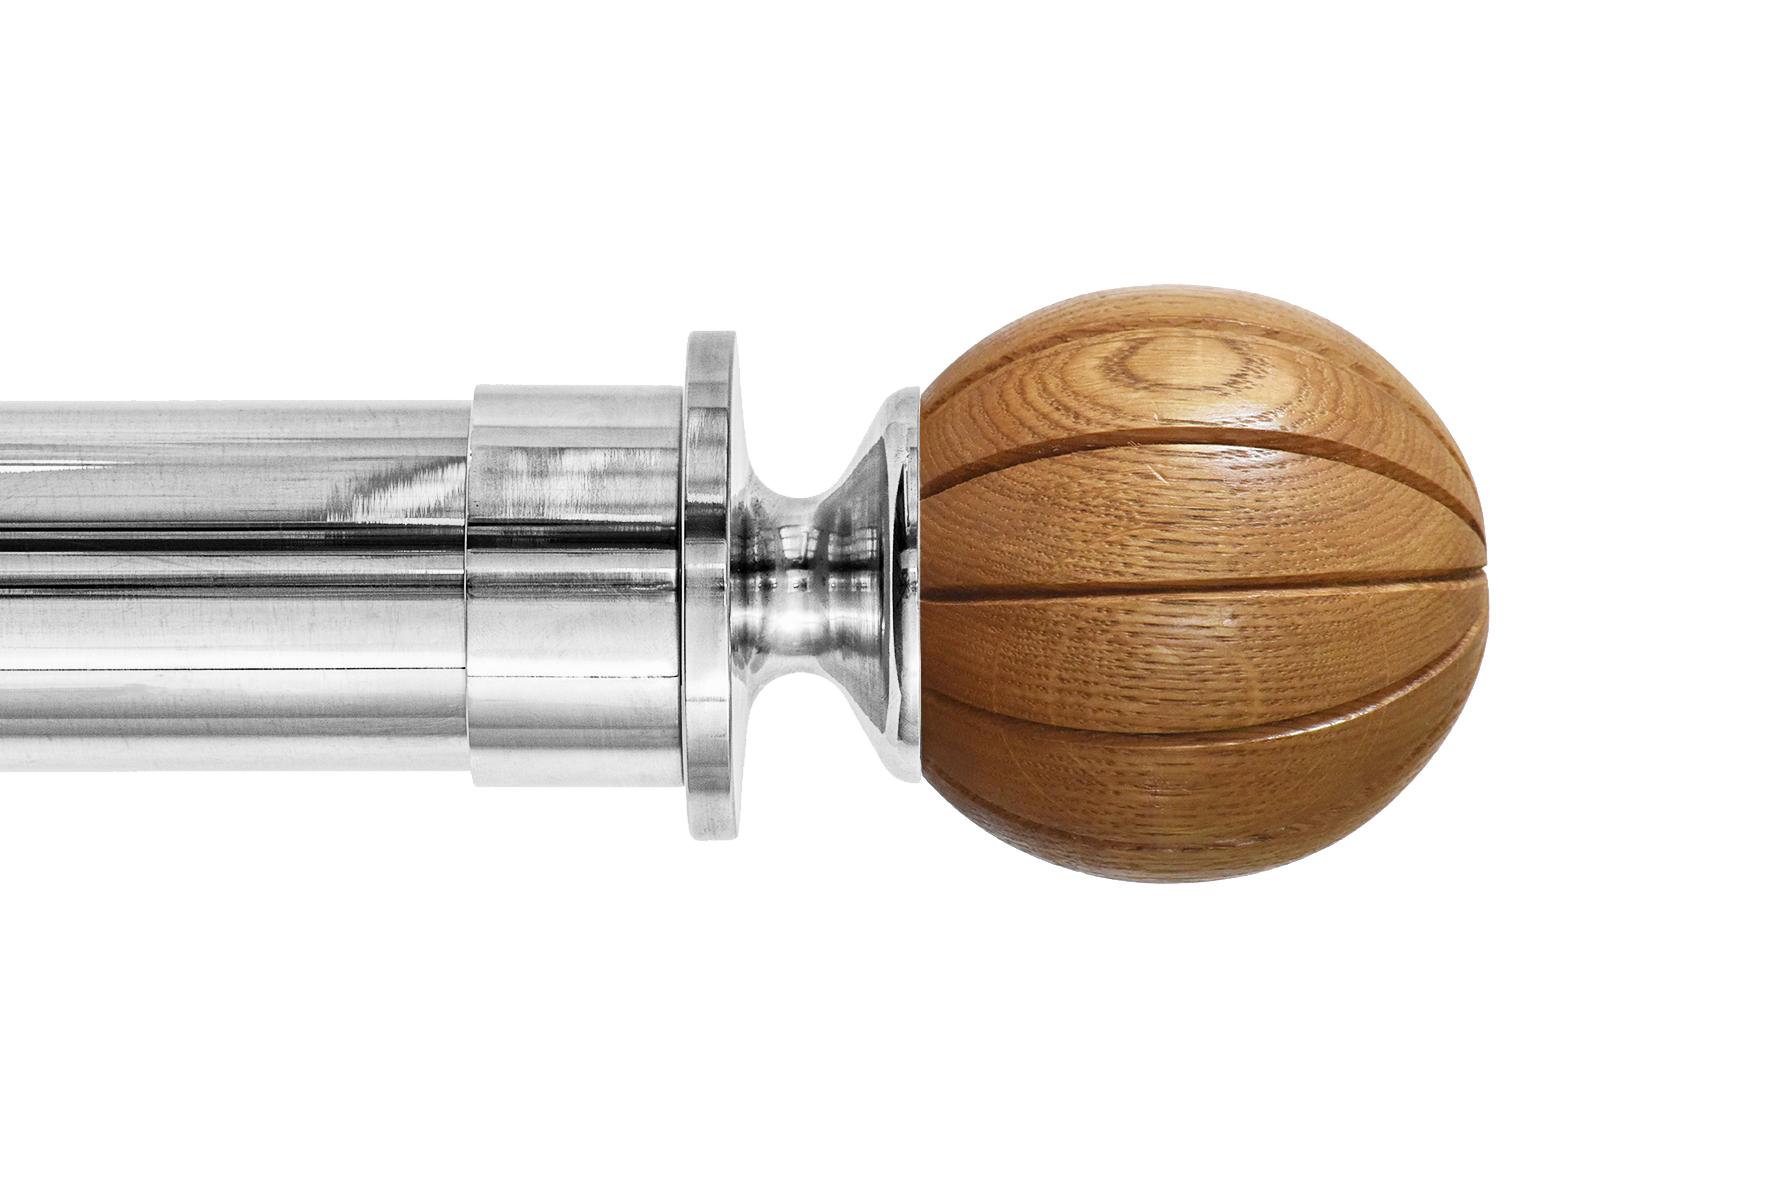 Wooden peardrop.jpg